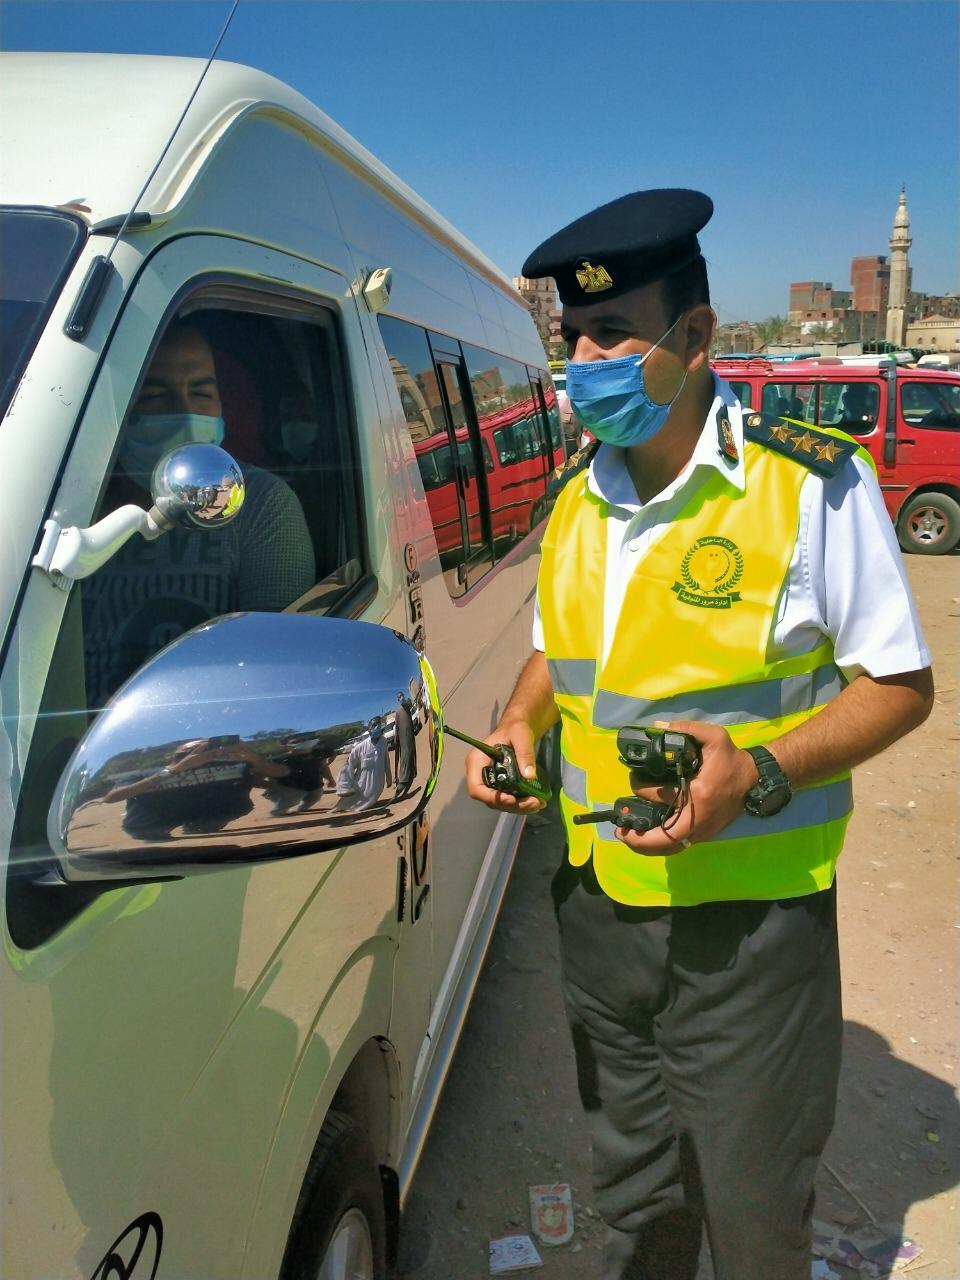 شرطة المرور تضبط 5989 مخالفة مرورية متنوعة ... خلال 24 ساعة